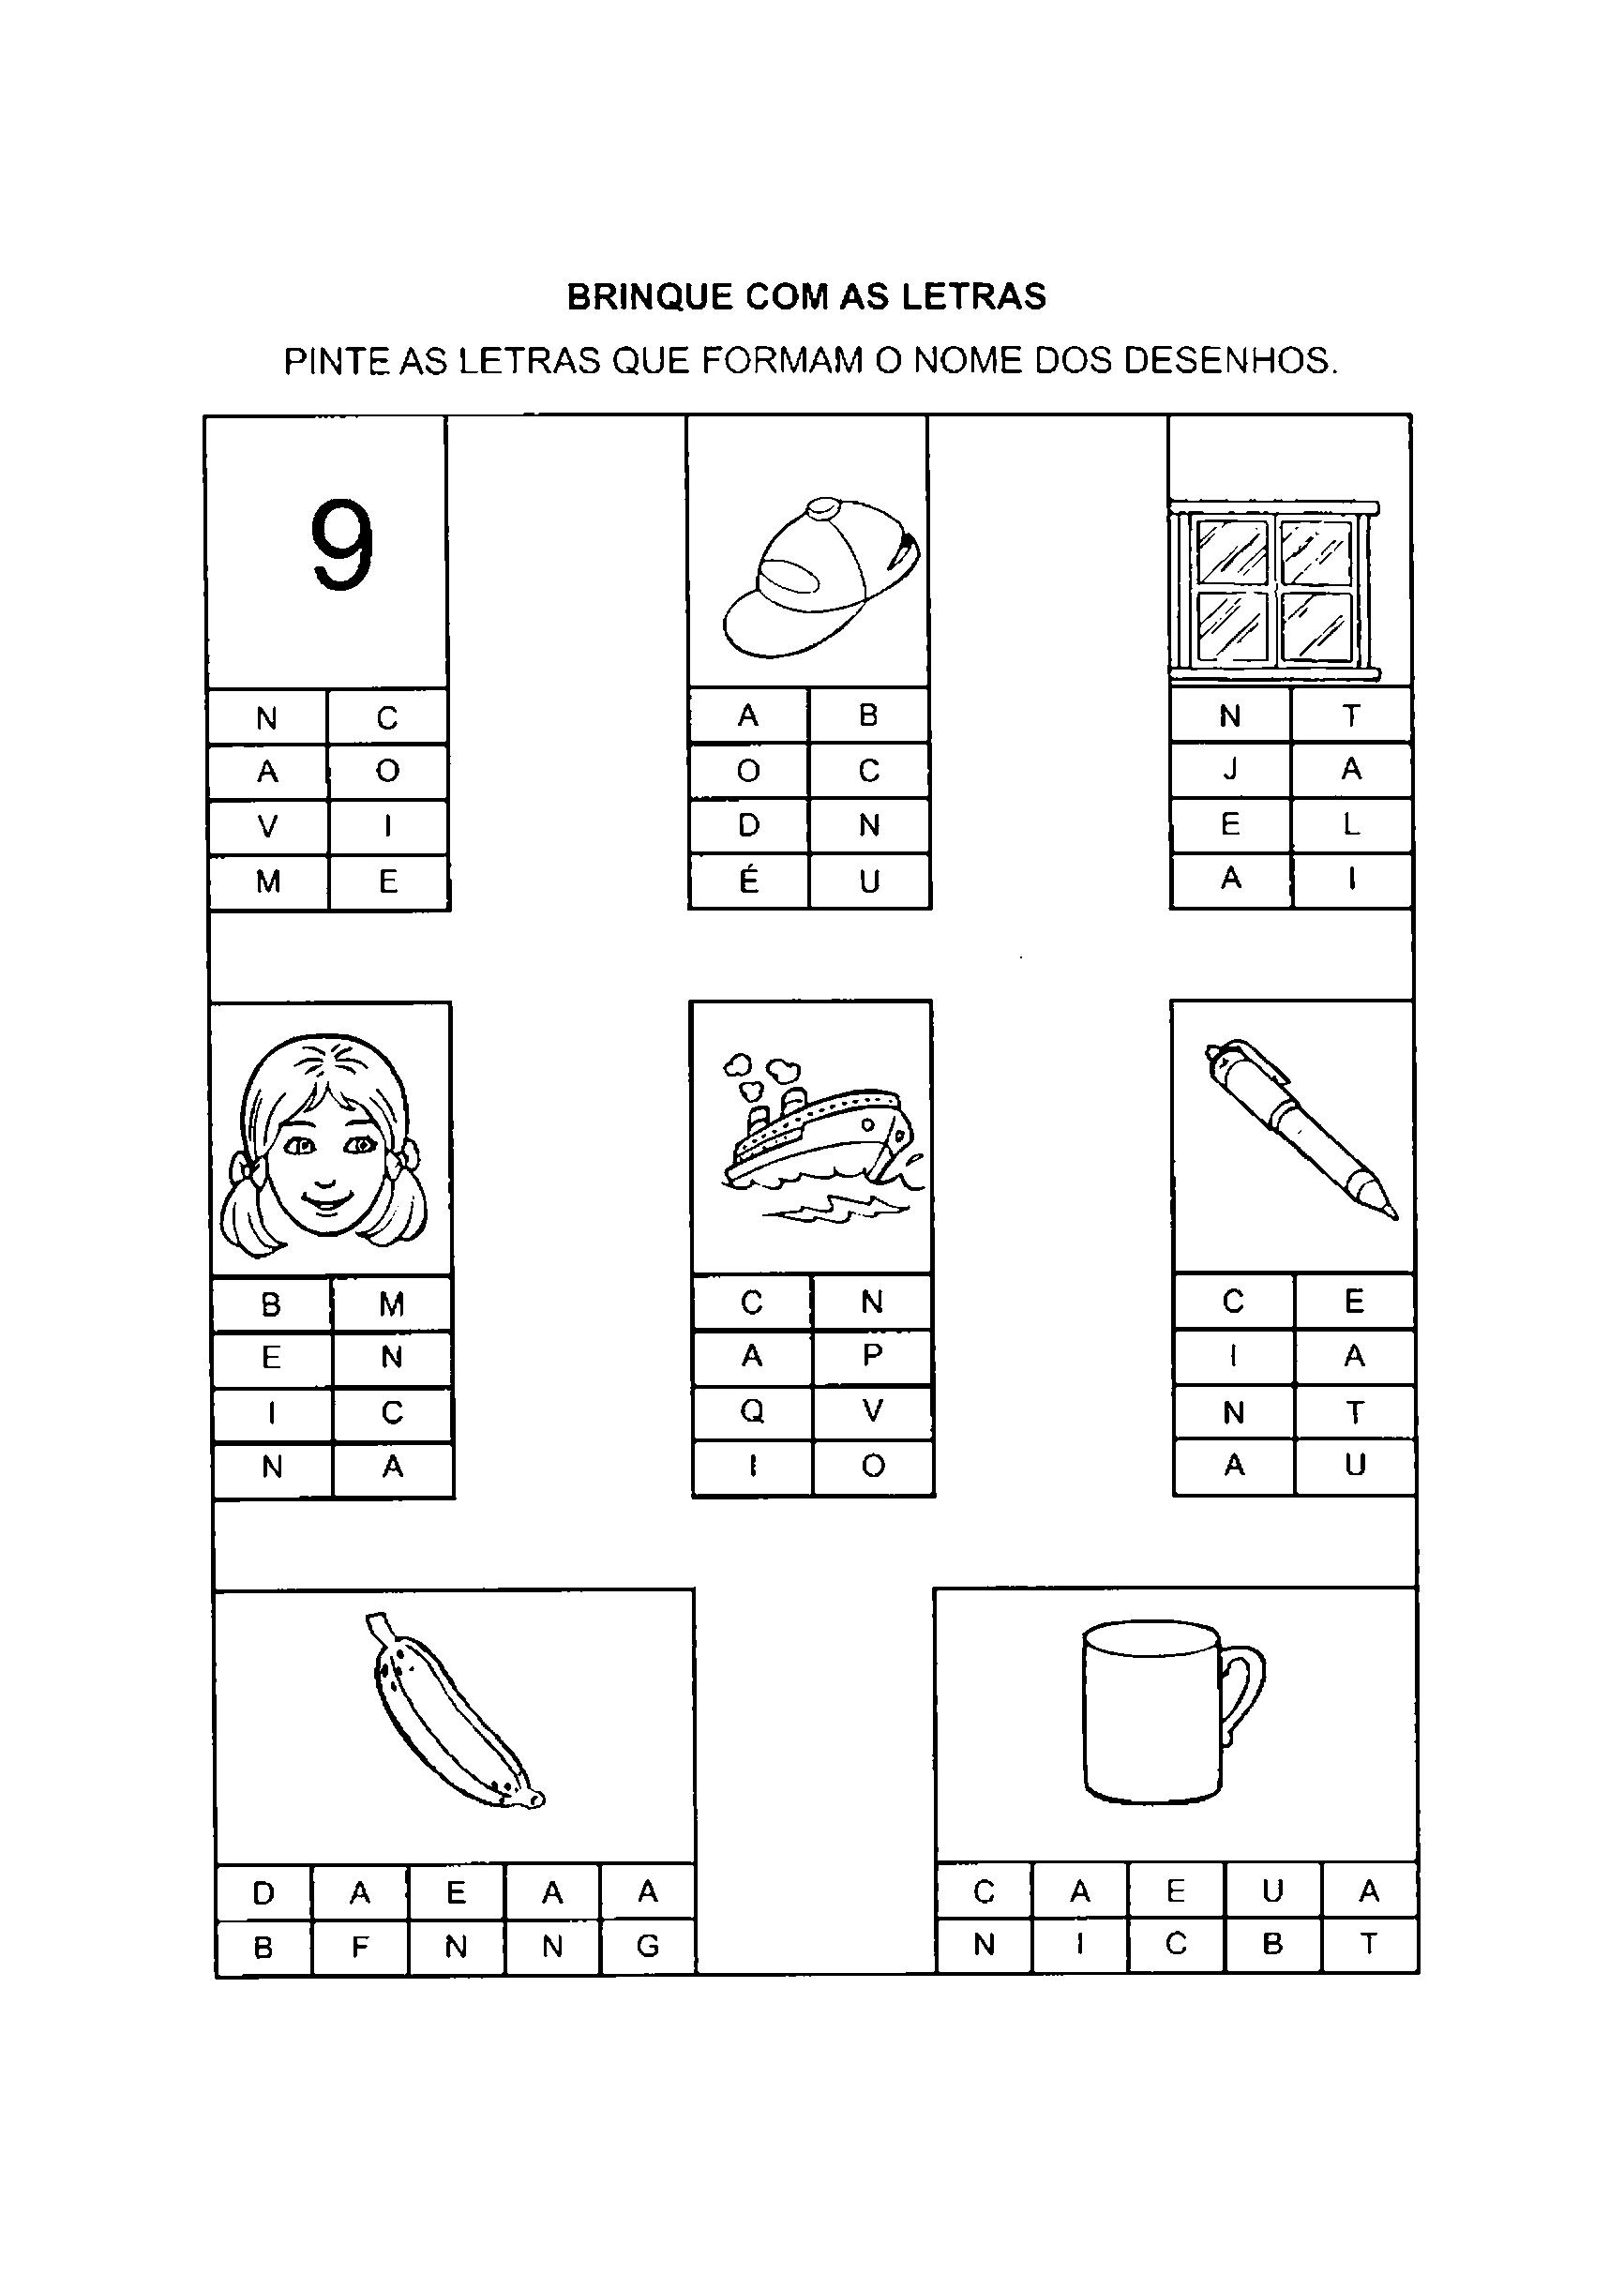 0292-pintar-letras-formam-nomes-desenhos